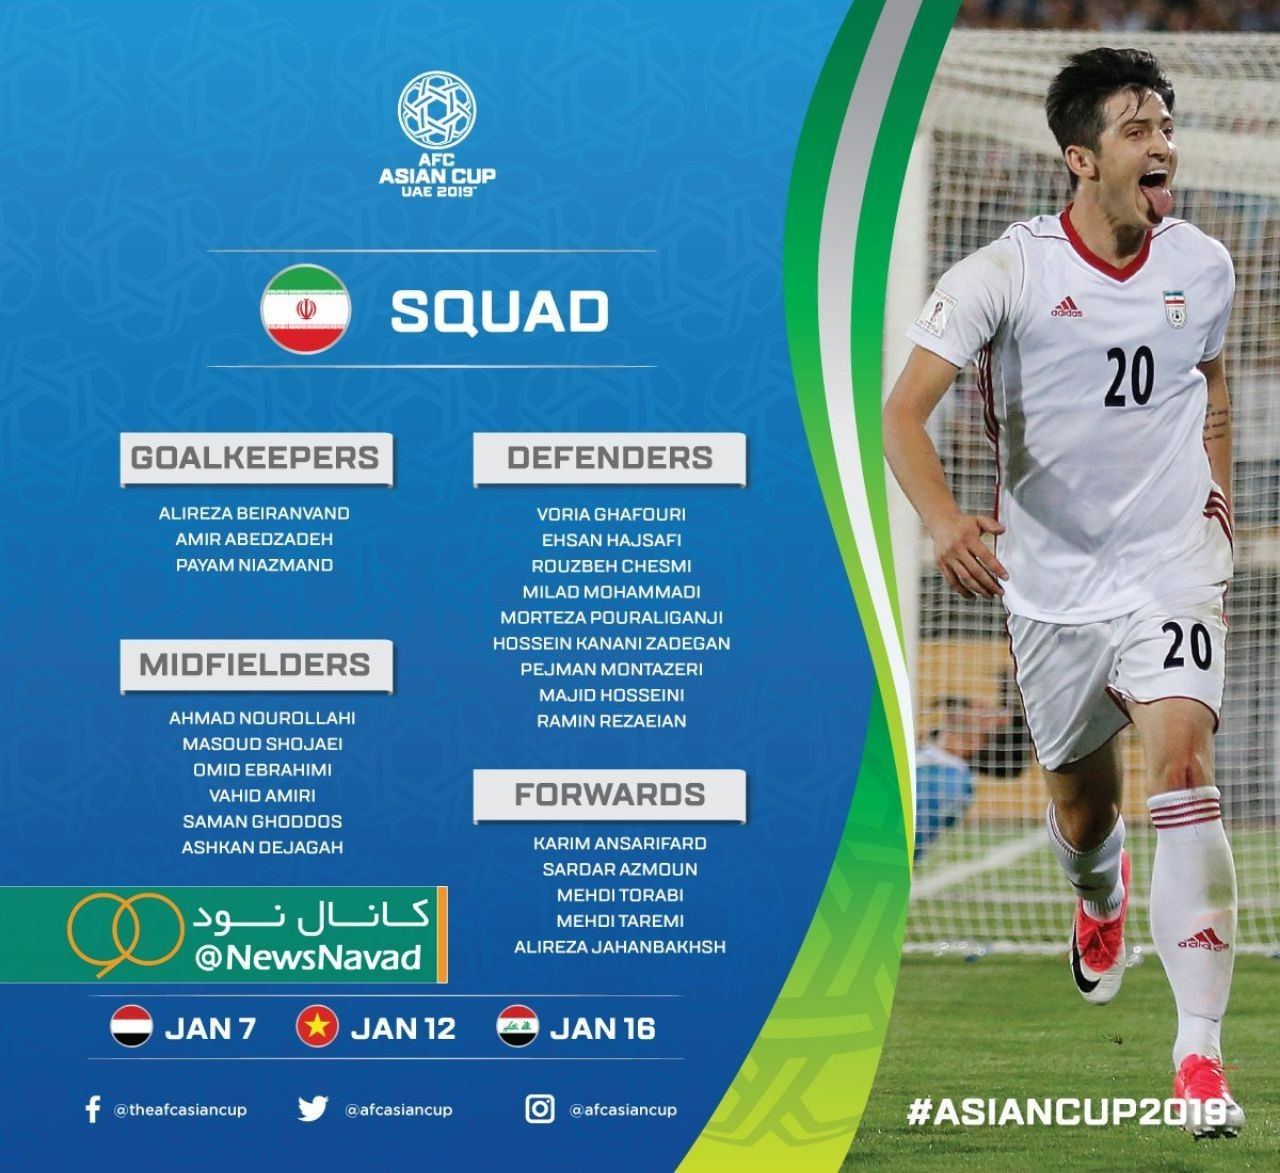 اسامی بازیکنان تیم ملی ایران در جام ملتهای آسیا ۲۰۱۹ +عکس - 2